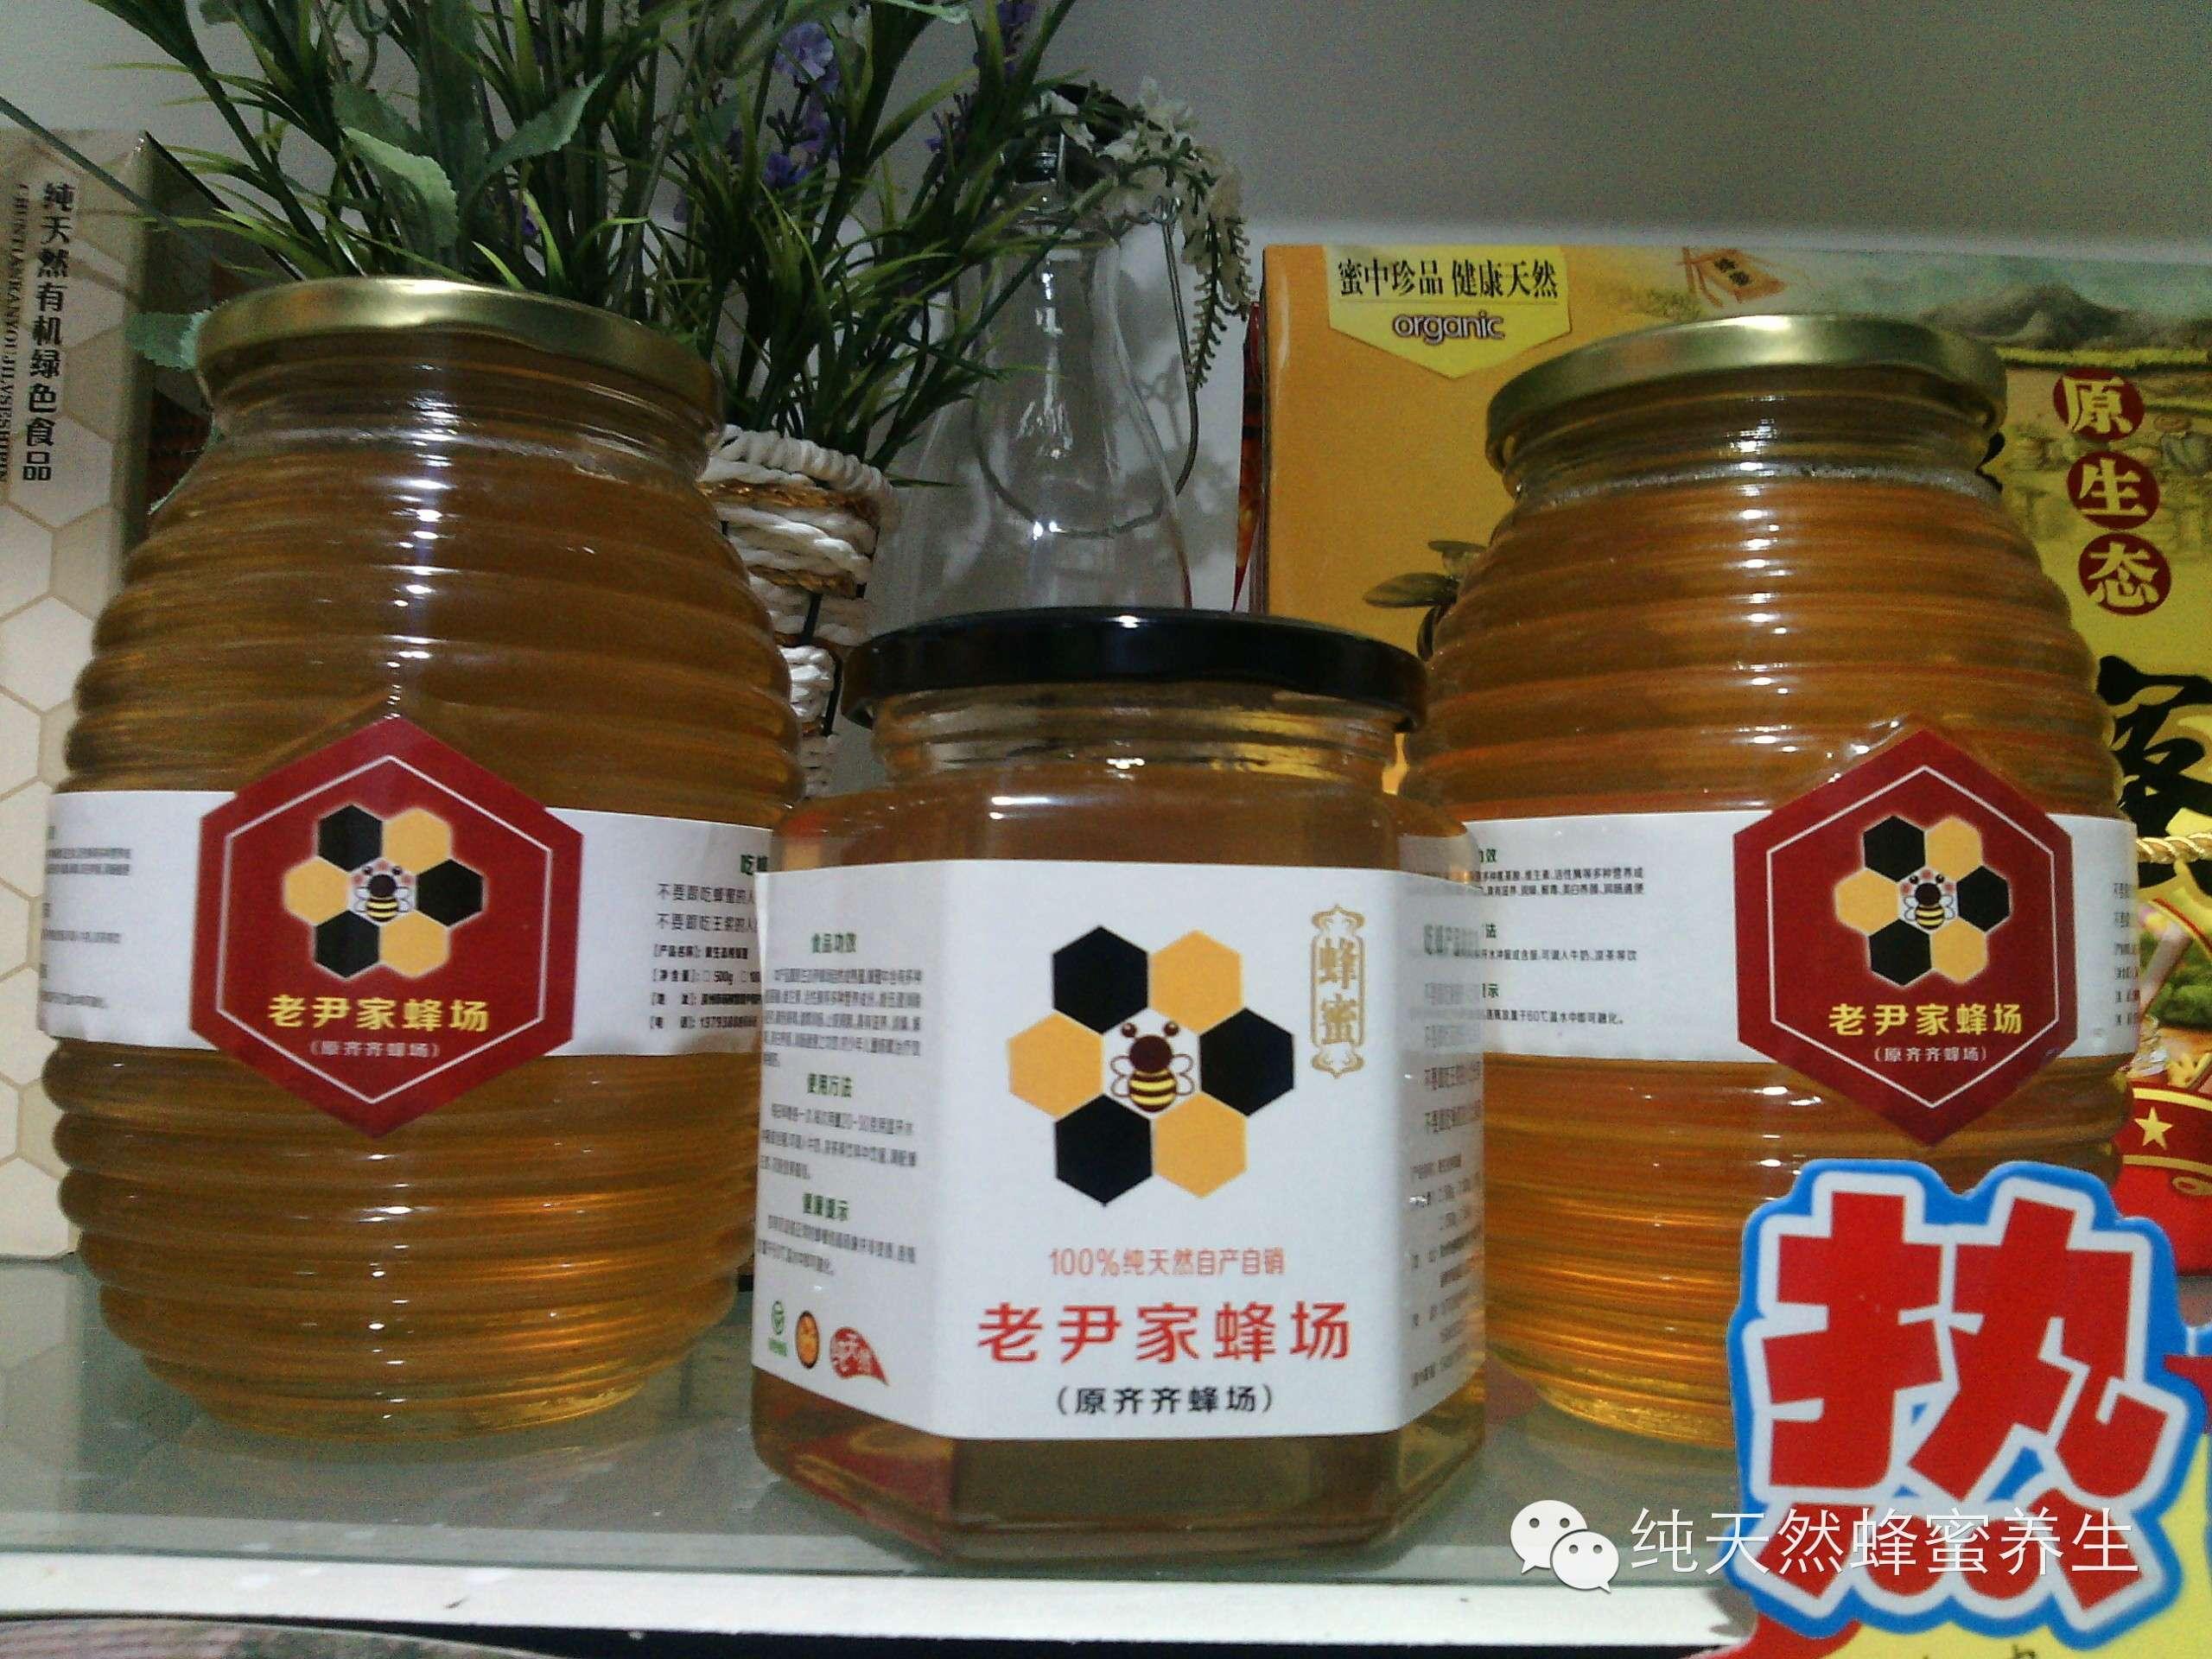 蜂蜜a股 永辉超市的蜂蜜 蜂蜜结晶过程图 蜂蜜怎么 吃 蜂蜜和梨子煮水喝